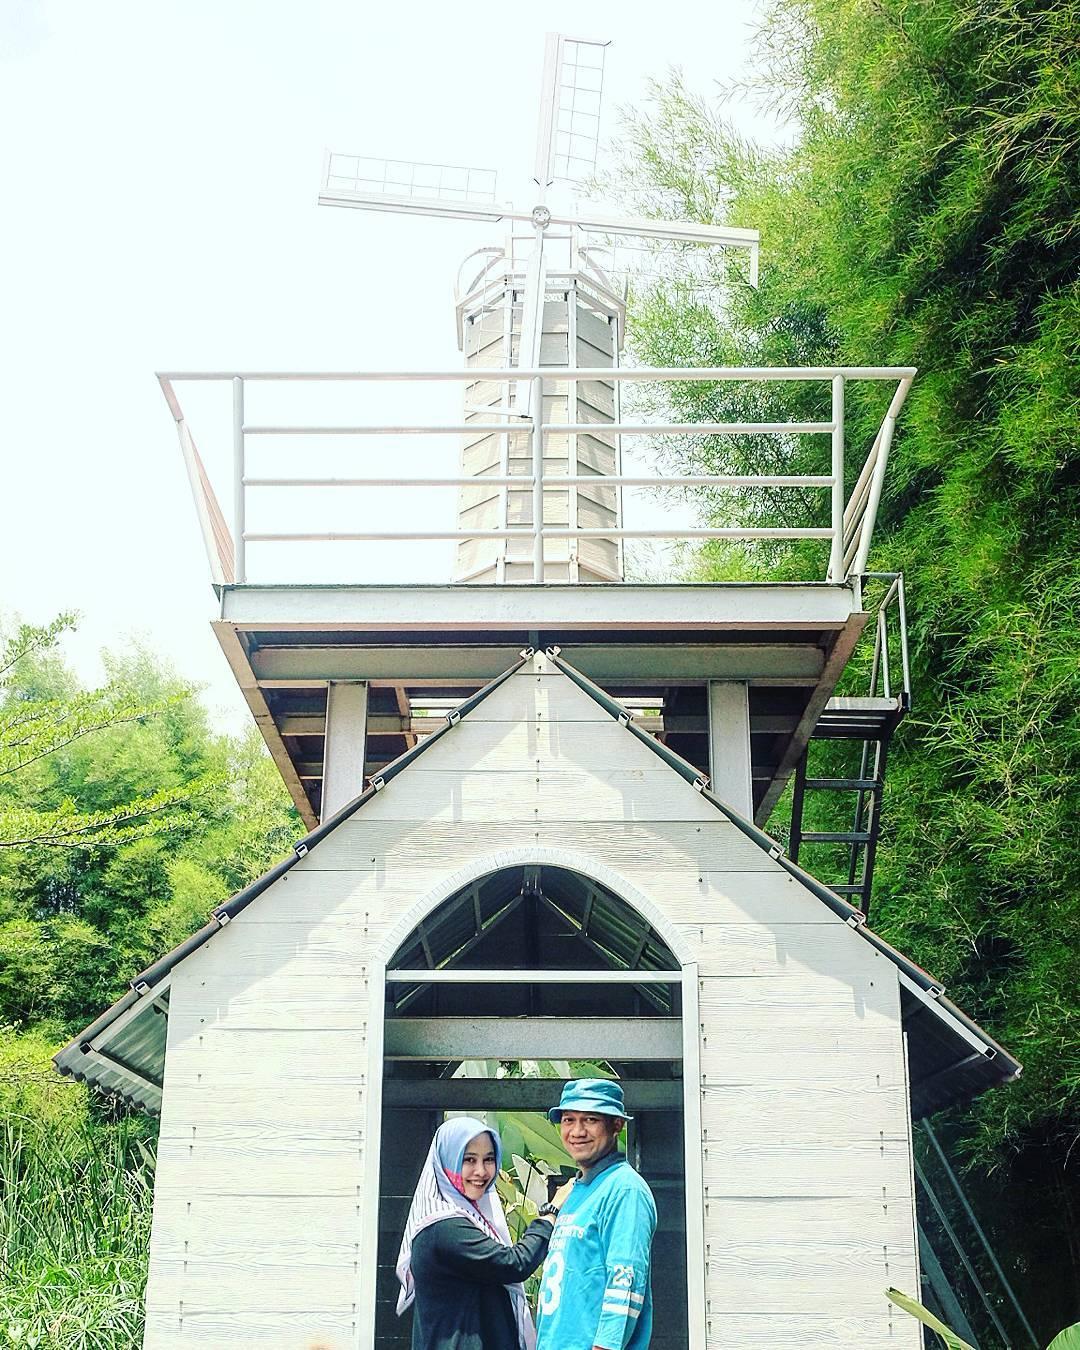 spot foto menara kincir angin di kampung tulip bandung